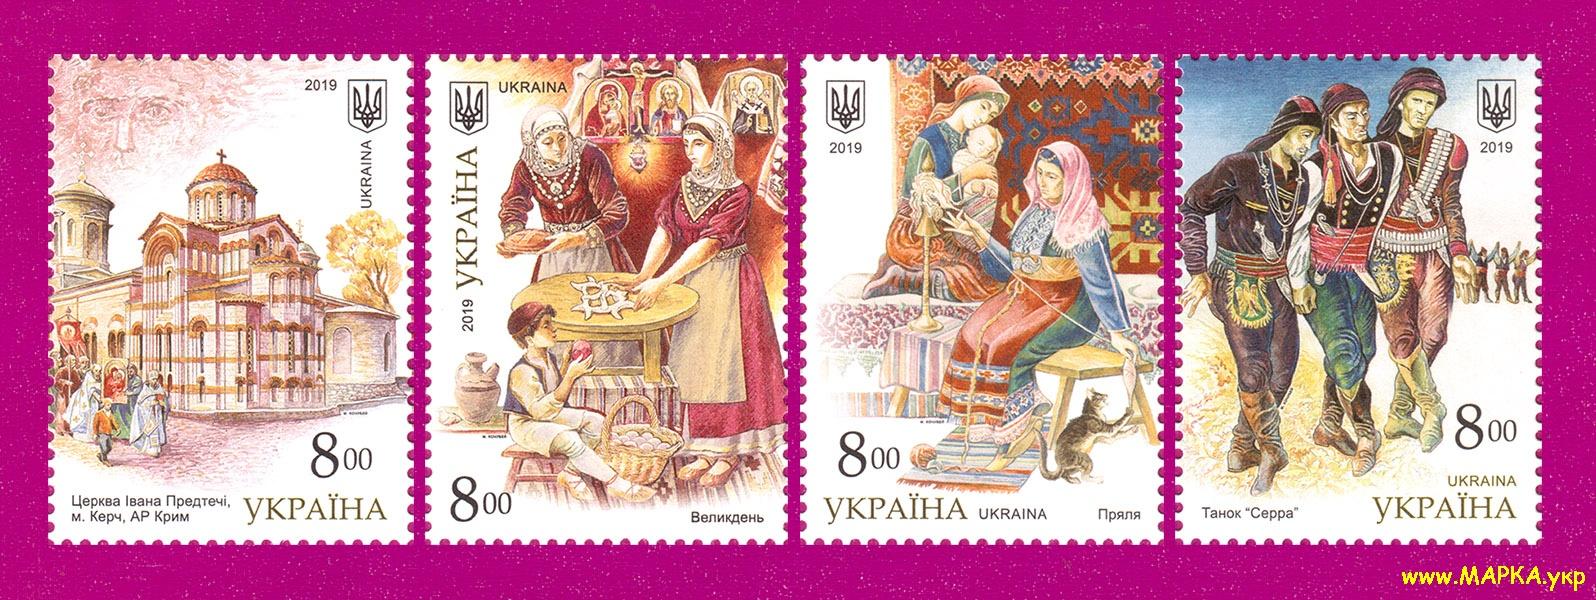 2019 марки Греки СЕРИЯ Украина